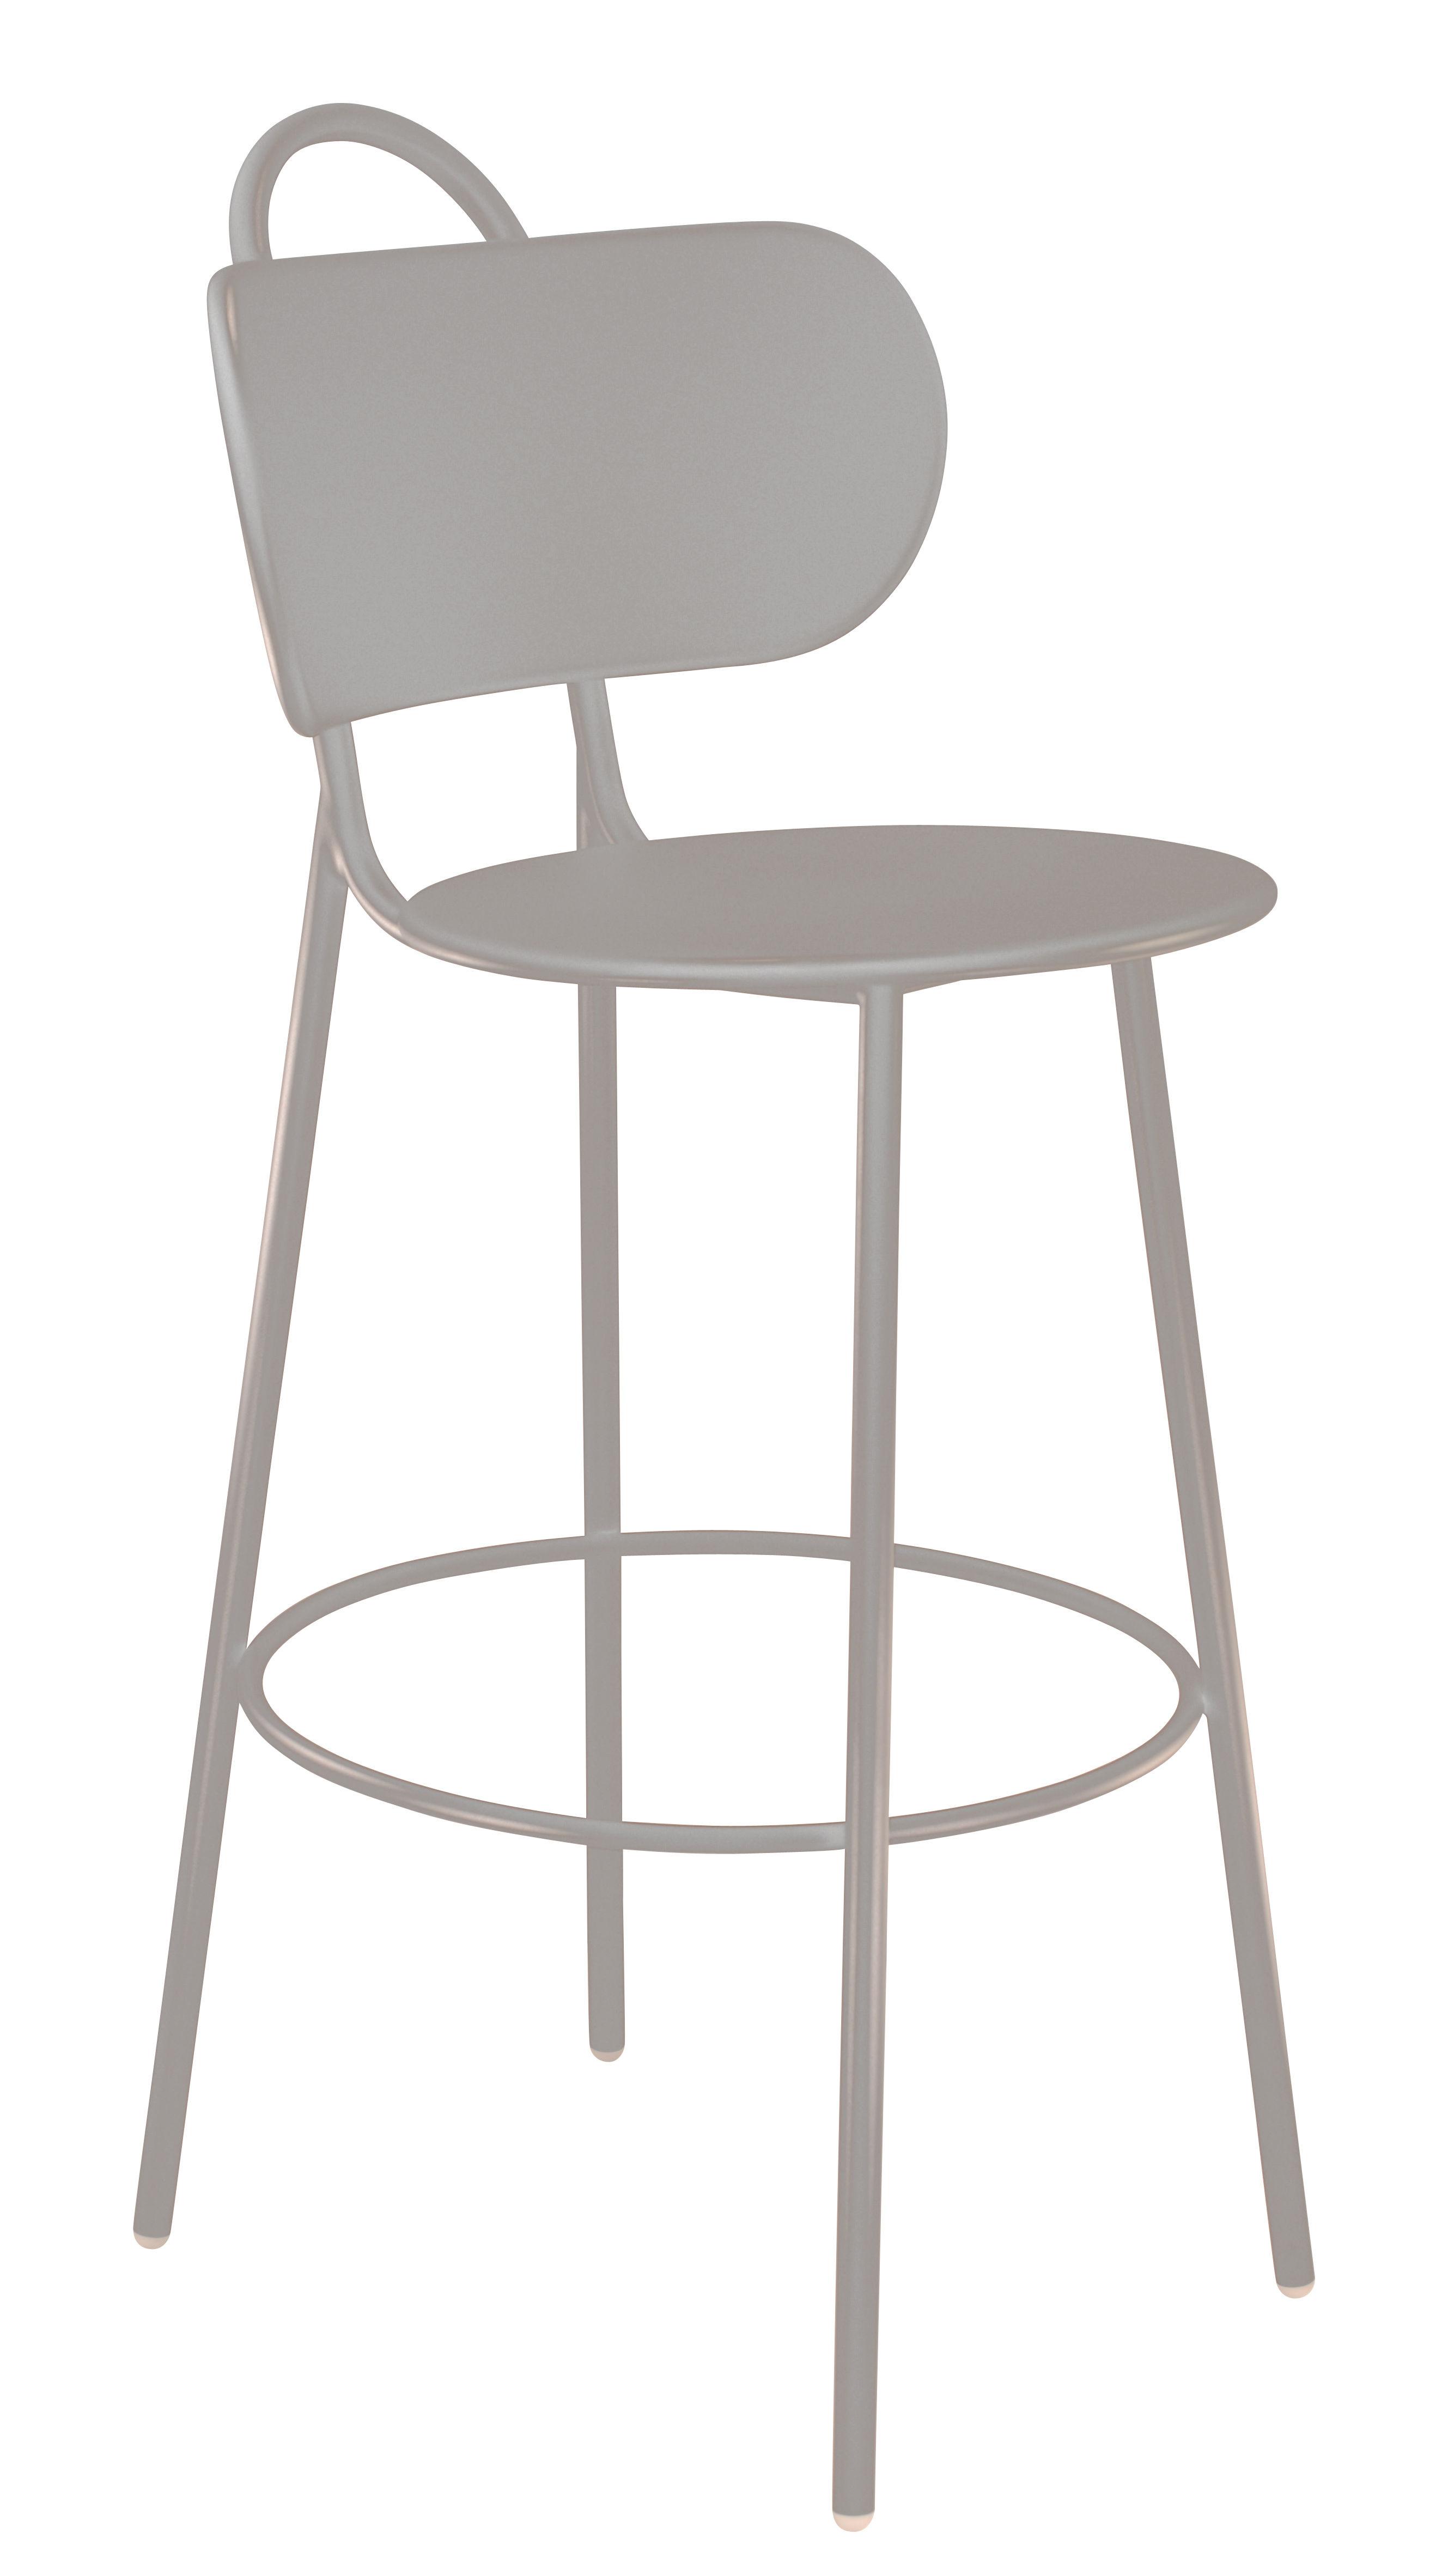 Mobilier - Tabourets de bar - Chaise de bar Swim / Intérieur & extérieur - H 74 cm - Bibelo - Blanc - Métal peint époxy